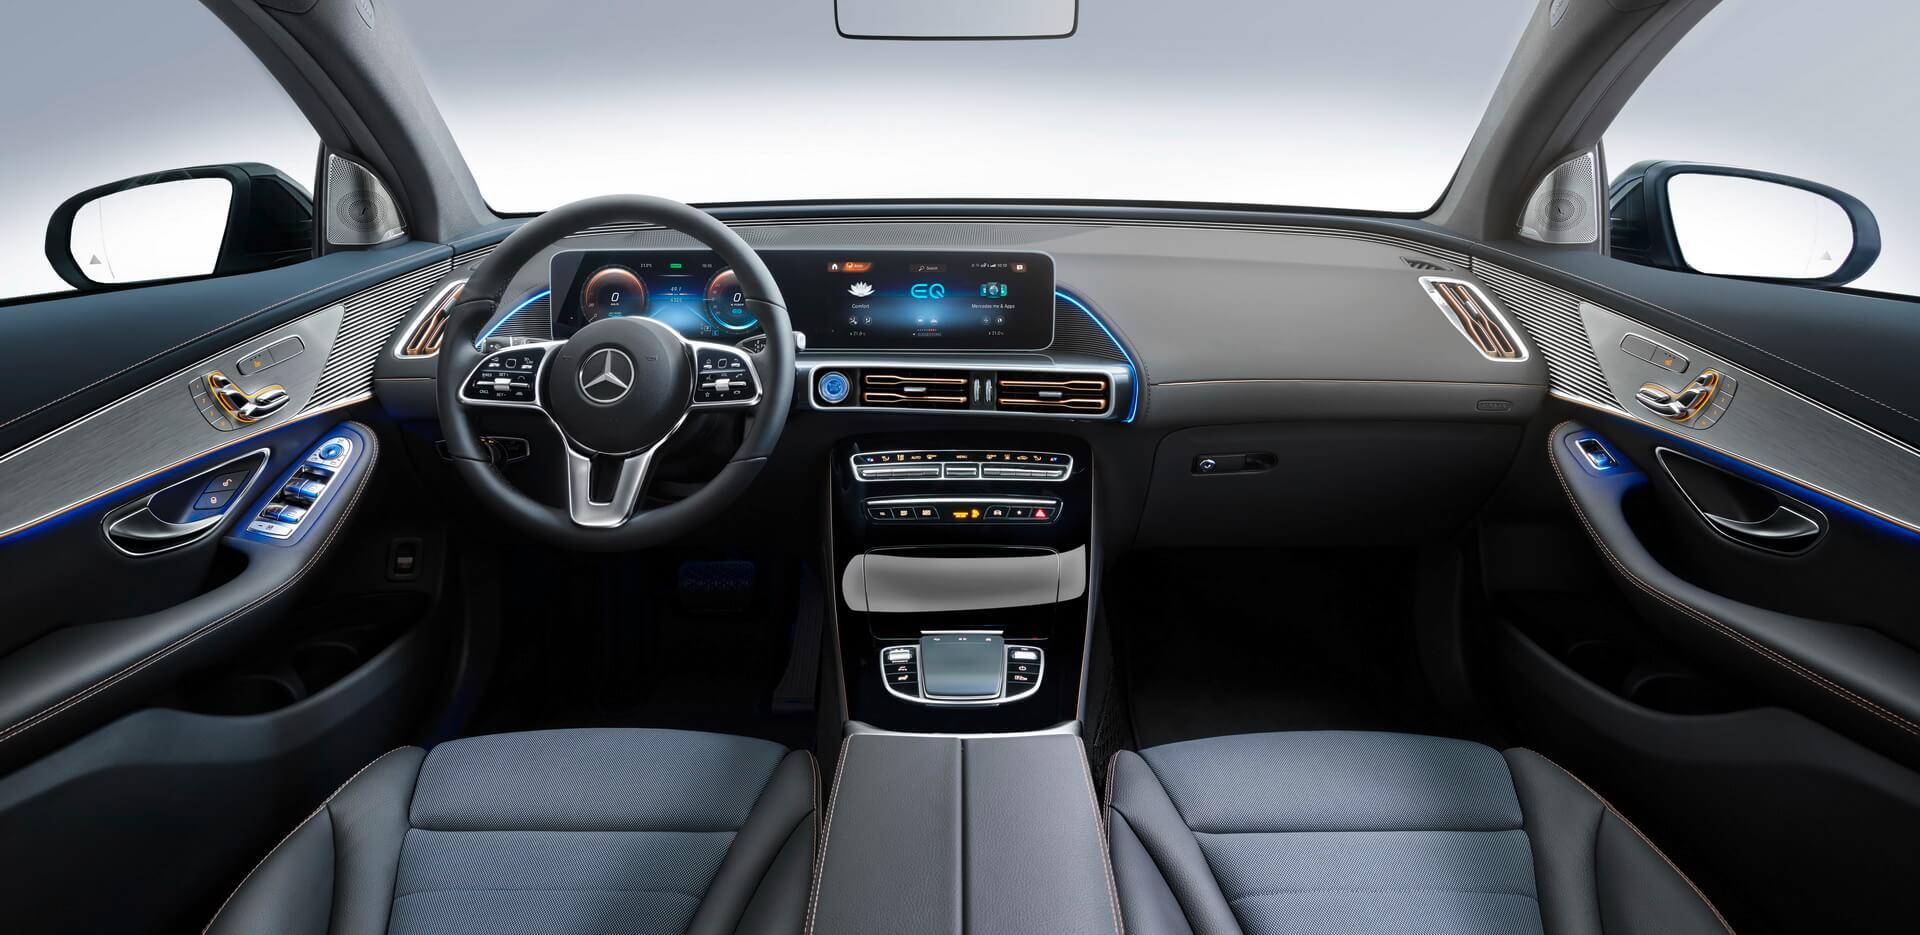 Цифрова приладова панель Mercedes-Benz EQC